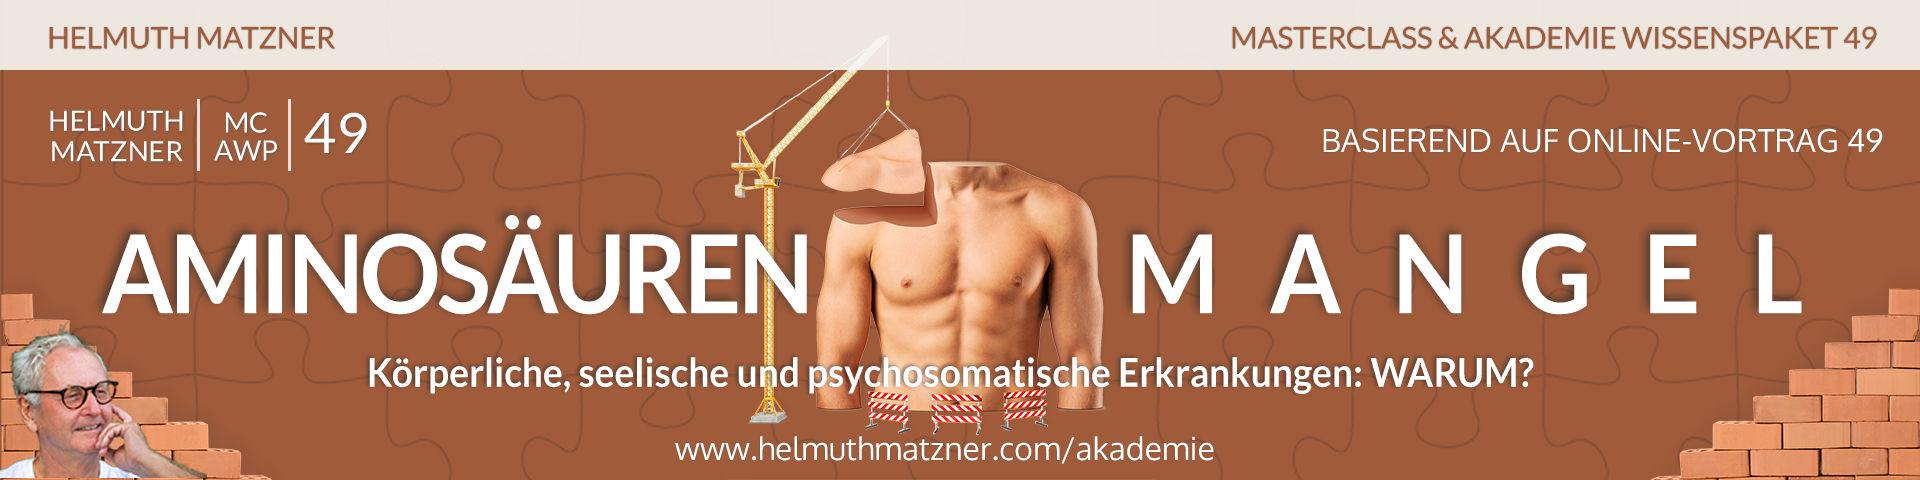 Helmuth Matzner - Masterclass & Akademie Wissenspaket 49 - Aminosäurenmangel - LP-Banner vMC01B